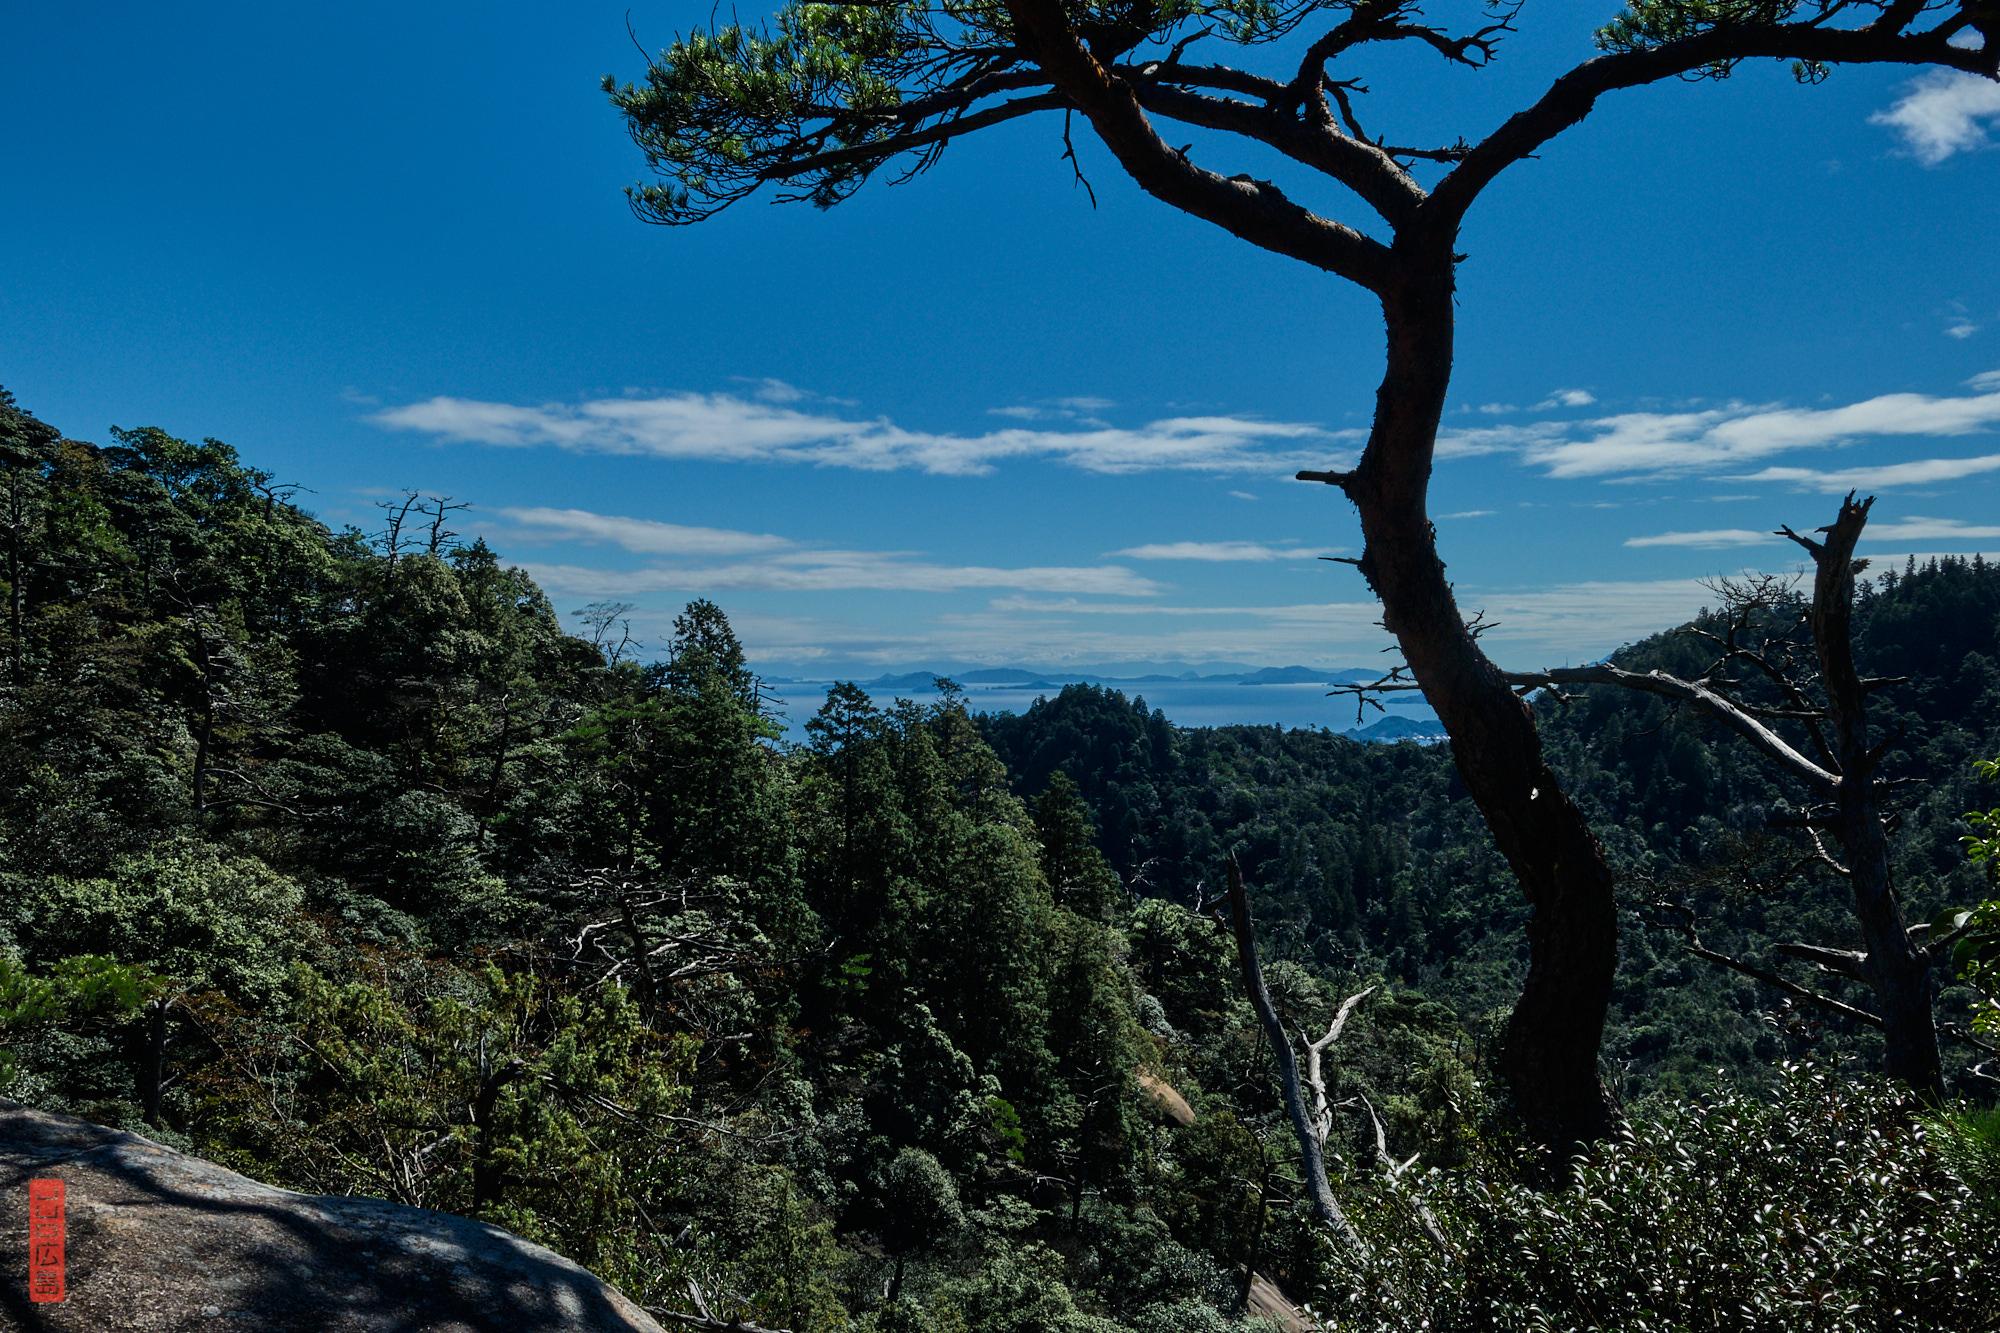 vue sur la mer intérieure de Seto depuis les hauteurs de Miyajima